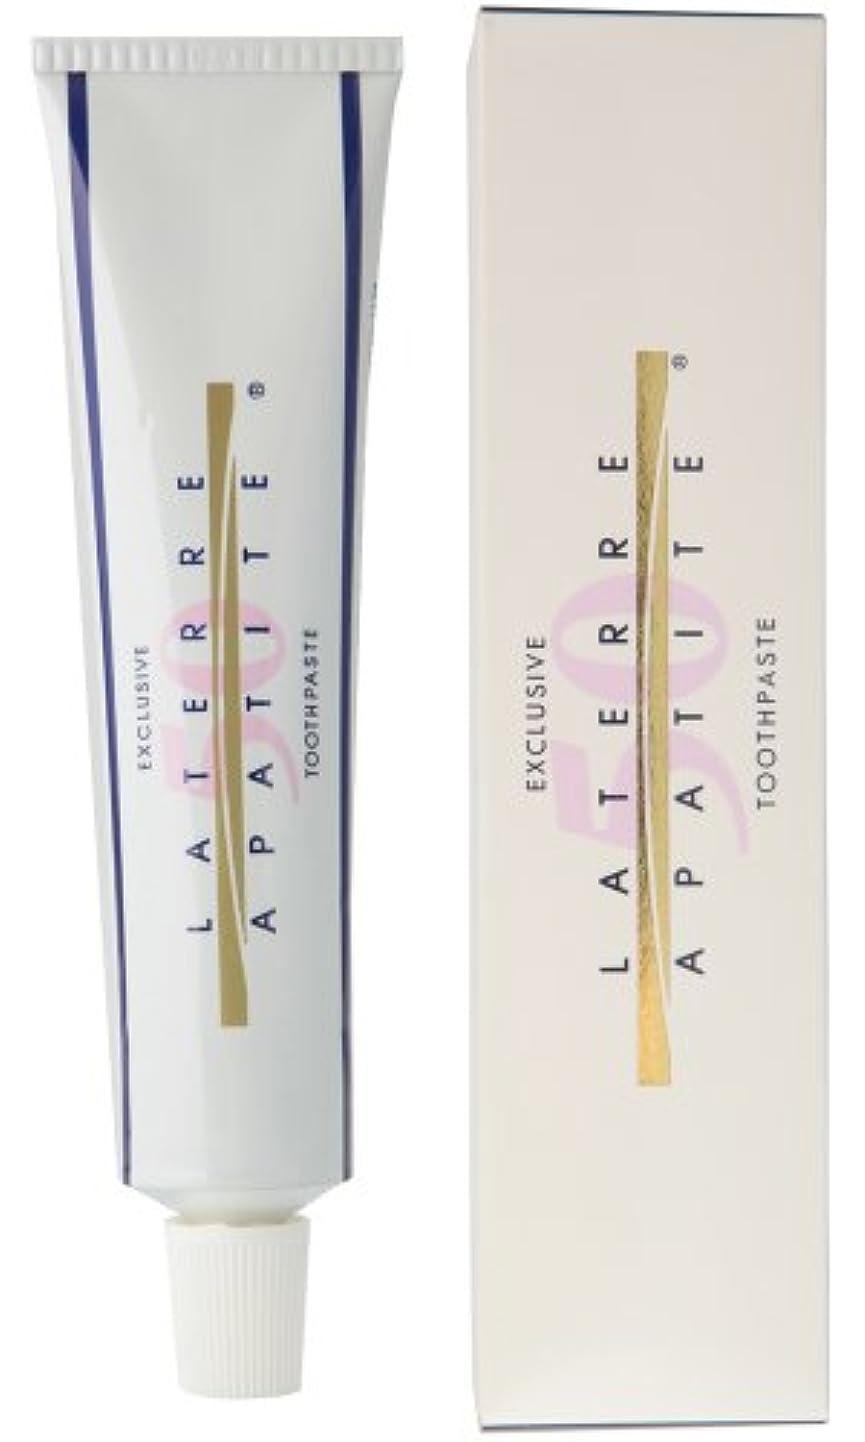 無効にする対長方形ラテール 薬用ハイドロキシアパタイト歯磨き